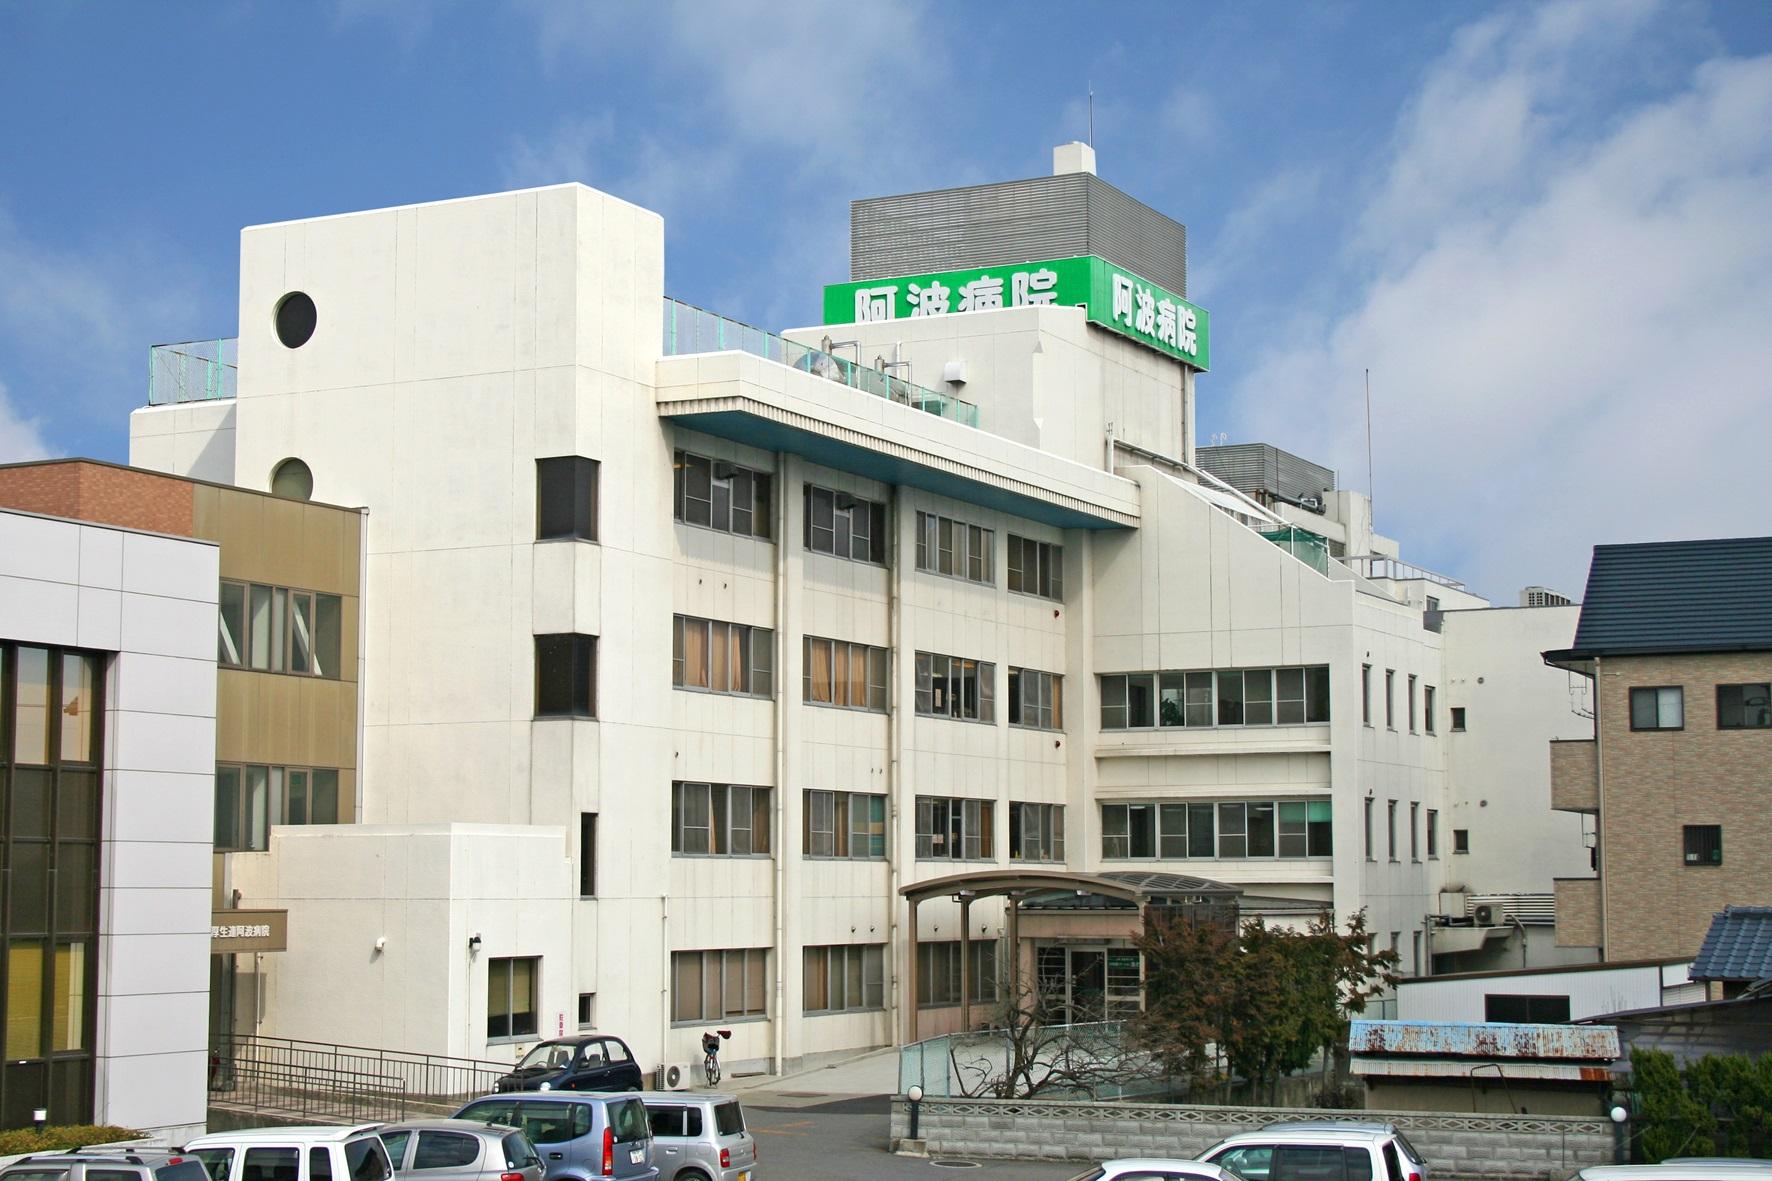 名医がいる病院 - 病気別病院検索